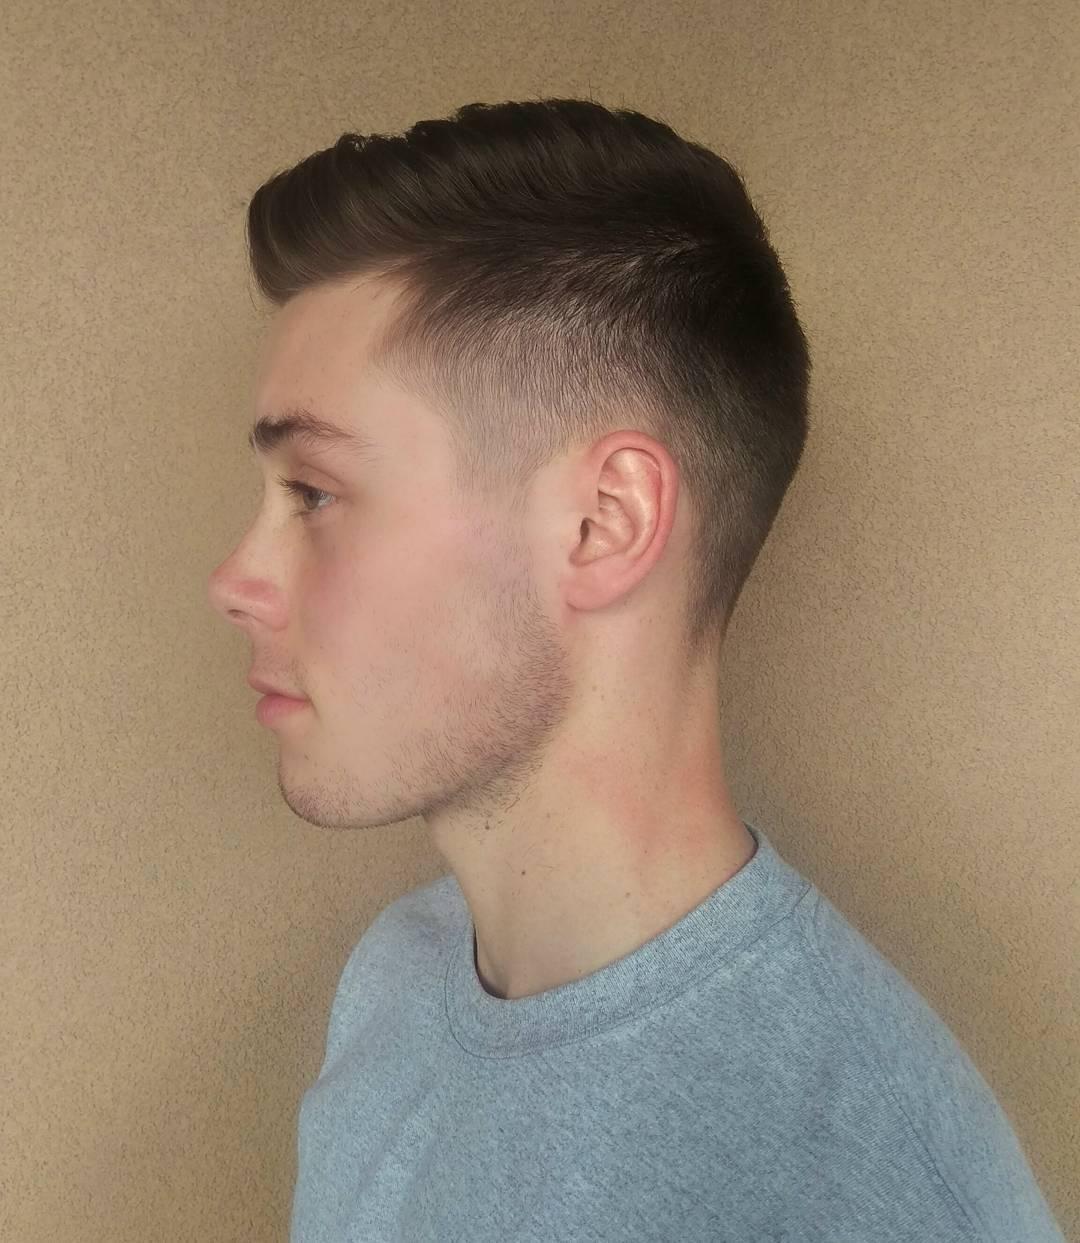 hair cuts for men, mens hair cut by Zinke Hair Studio